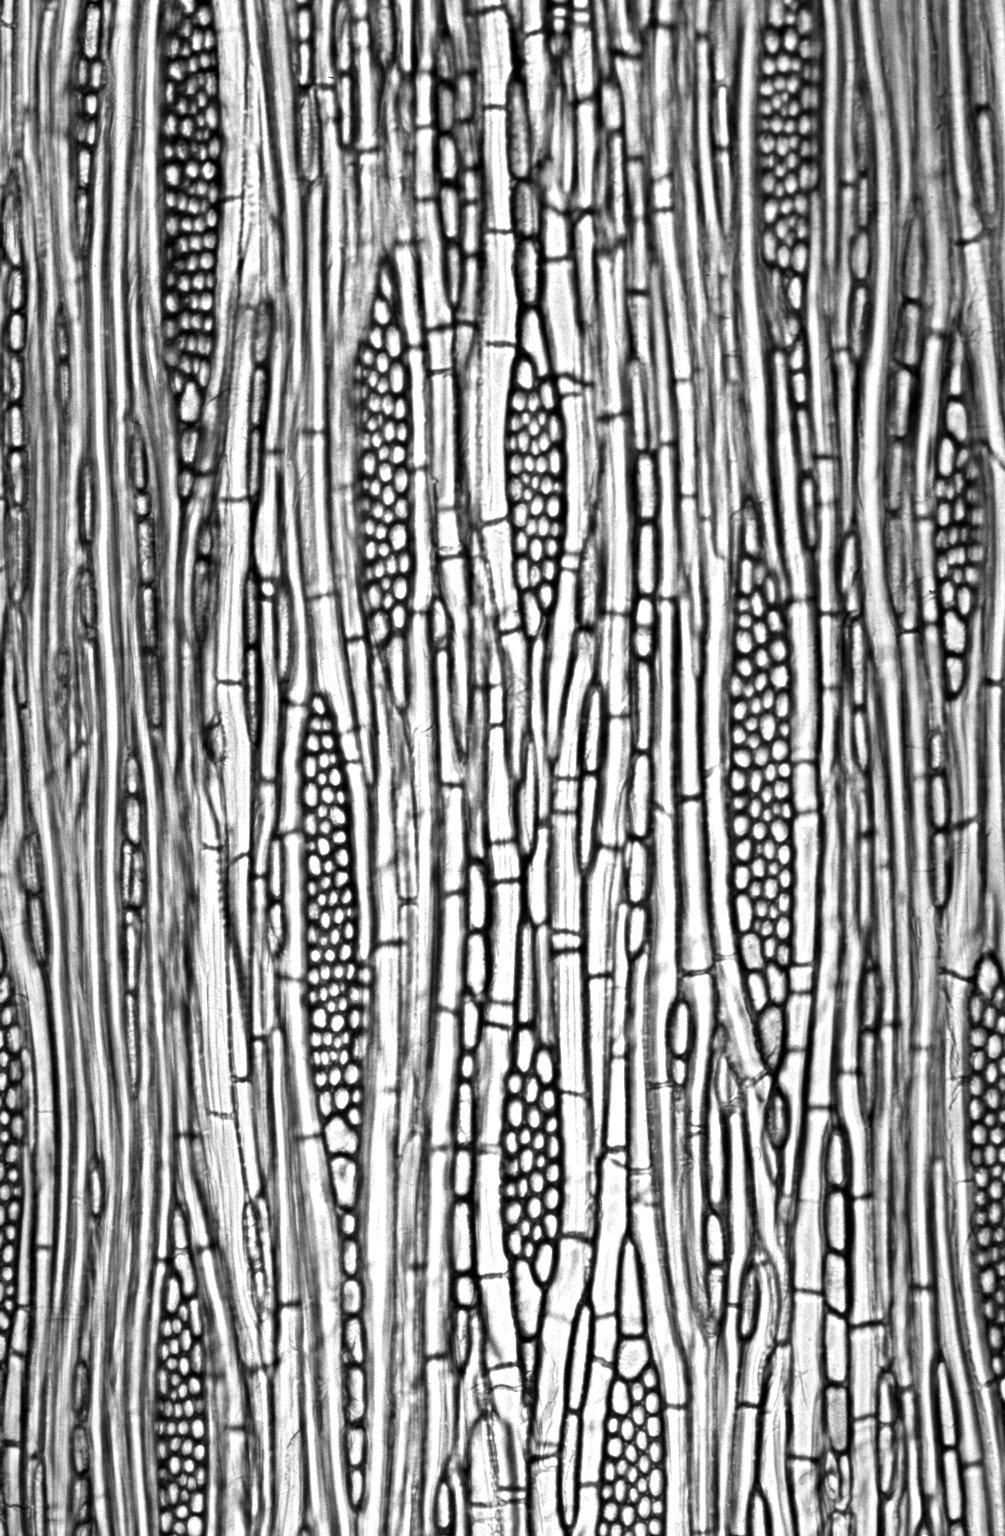 APOCYNACEAE Cameraria latifolia